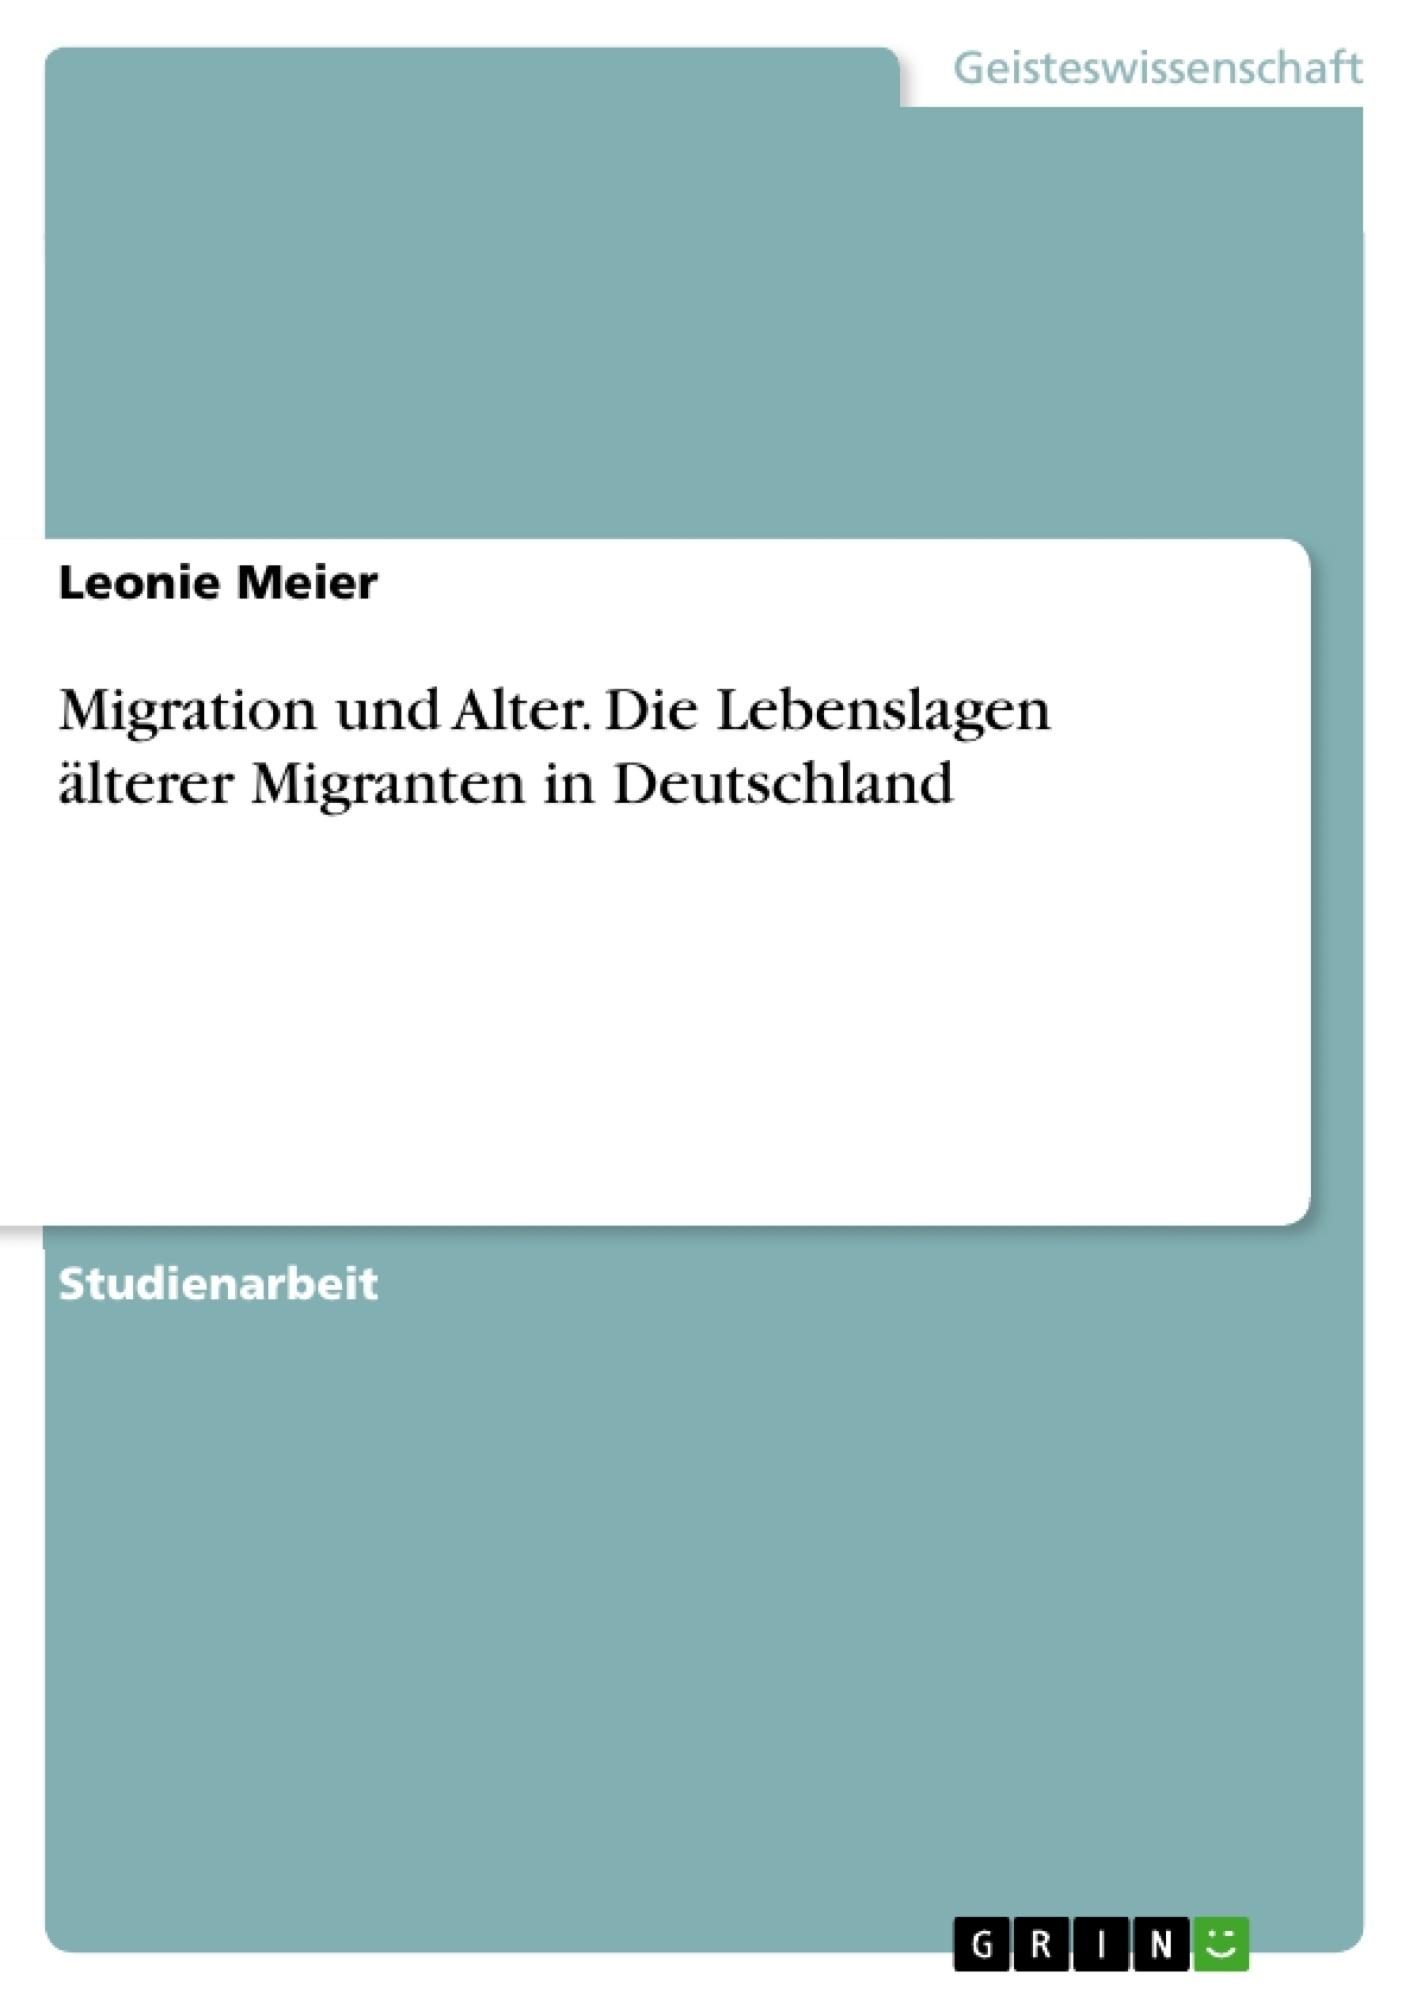 Titel: Migration und Alter. Die Lebenslagen älterer Migranten in Deutschland